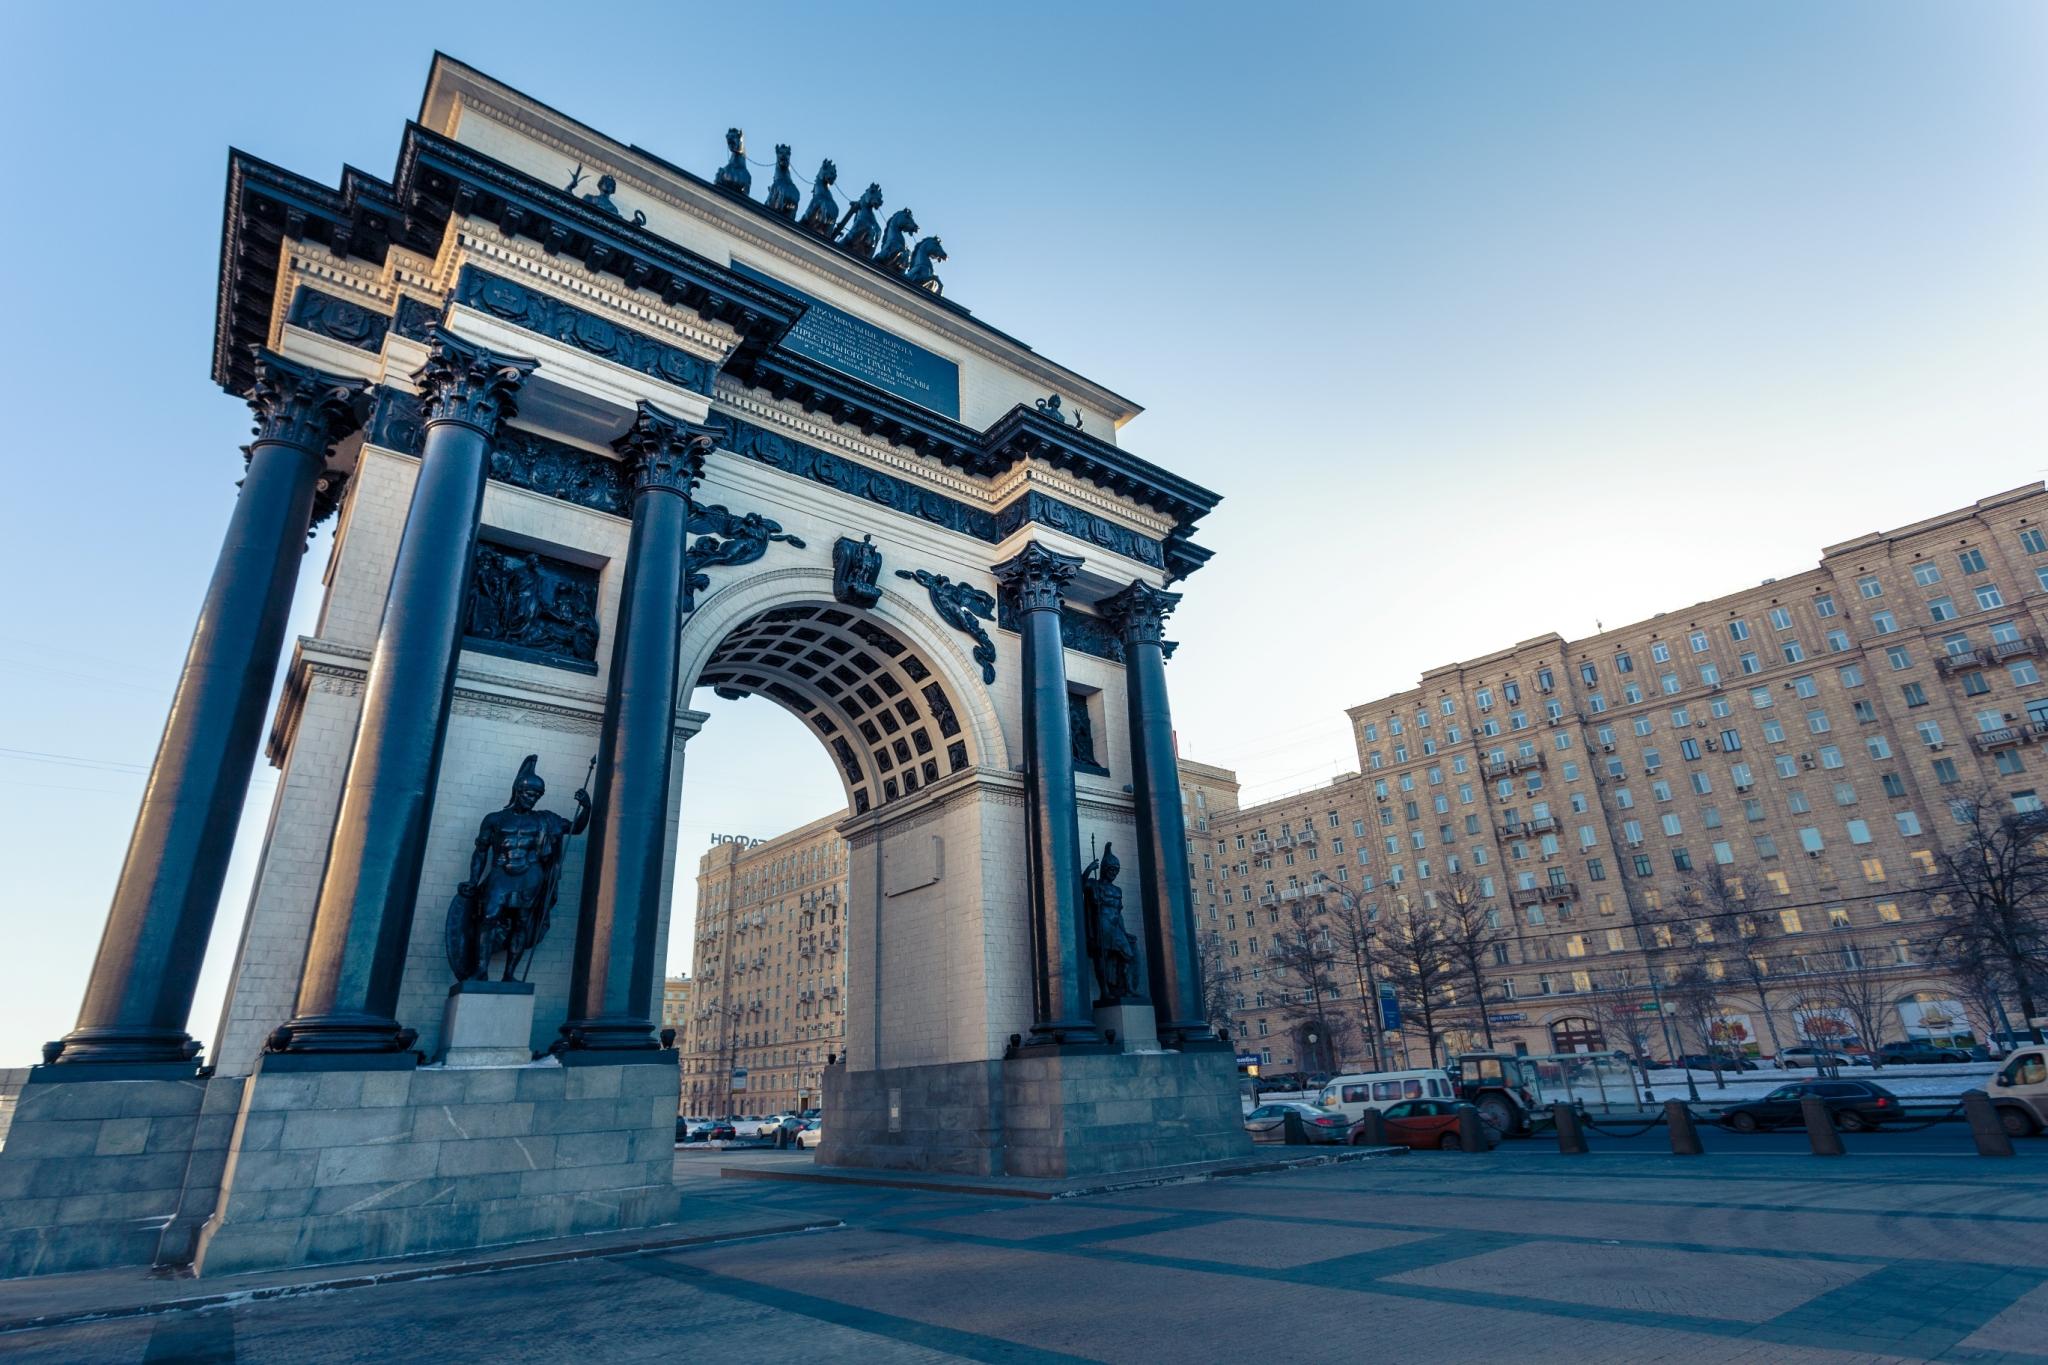 俄罗斯,战斗民族的璀璨文化